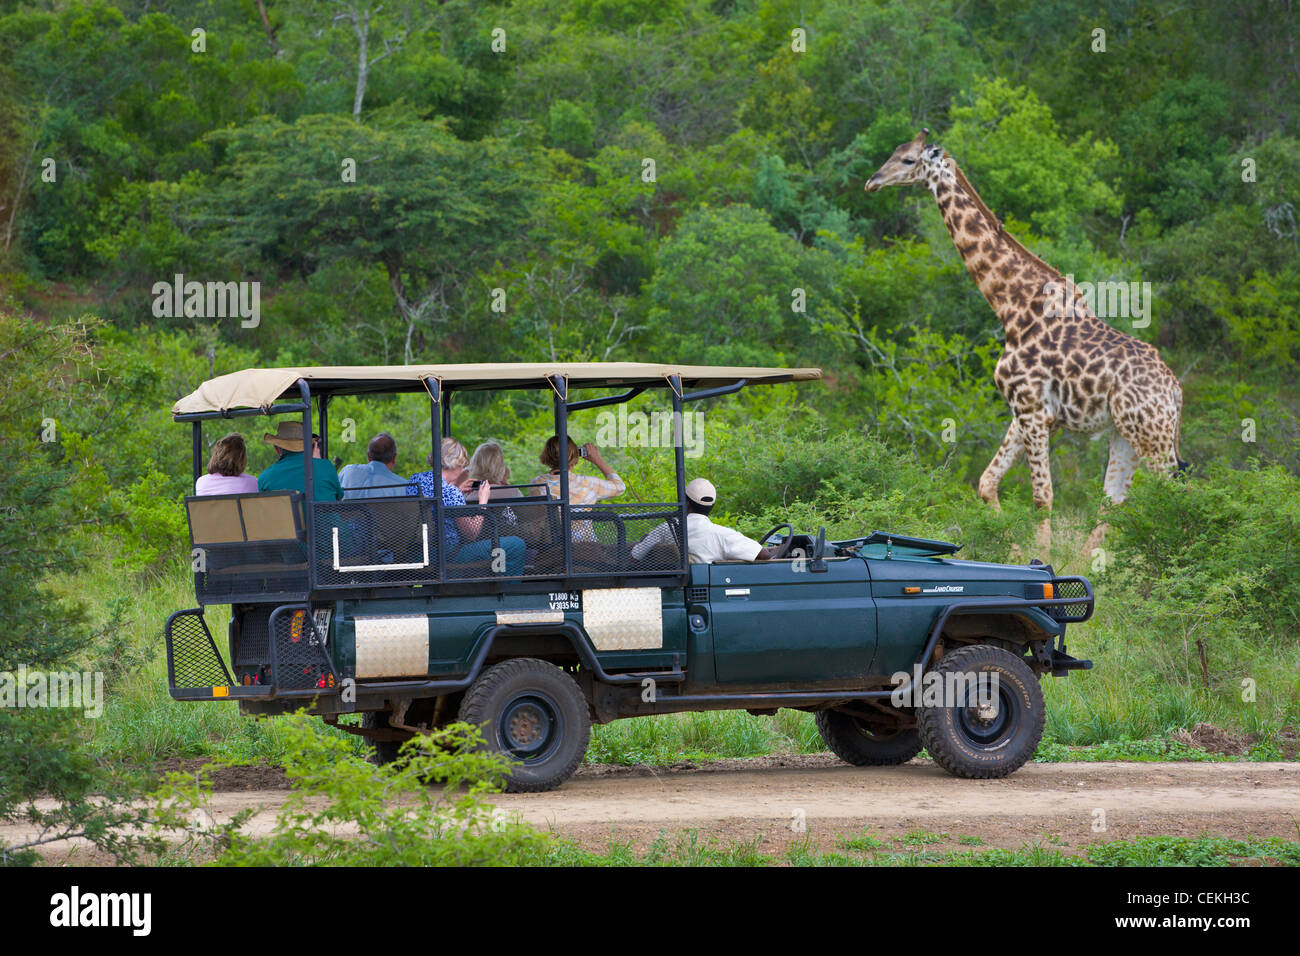 Personas en vehículo de safari ver jirafas, Hluhluwe Game Reserve, Sudáfrica Imagen De Stock